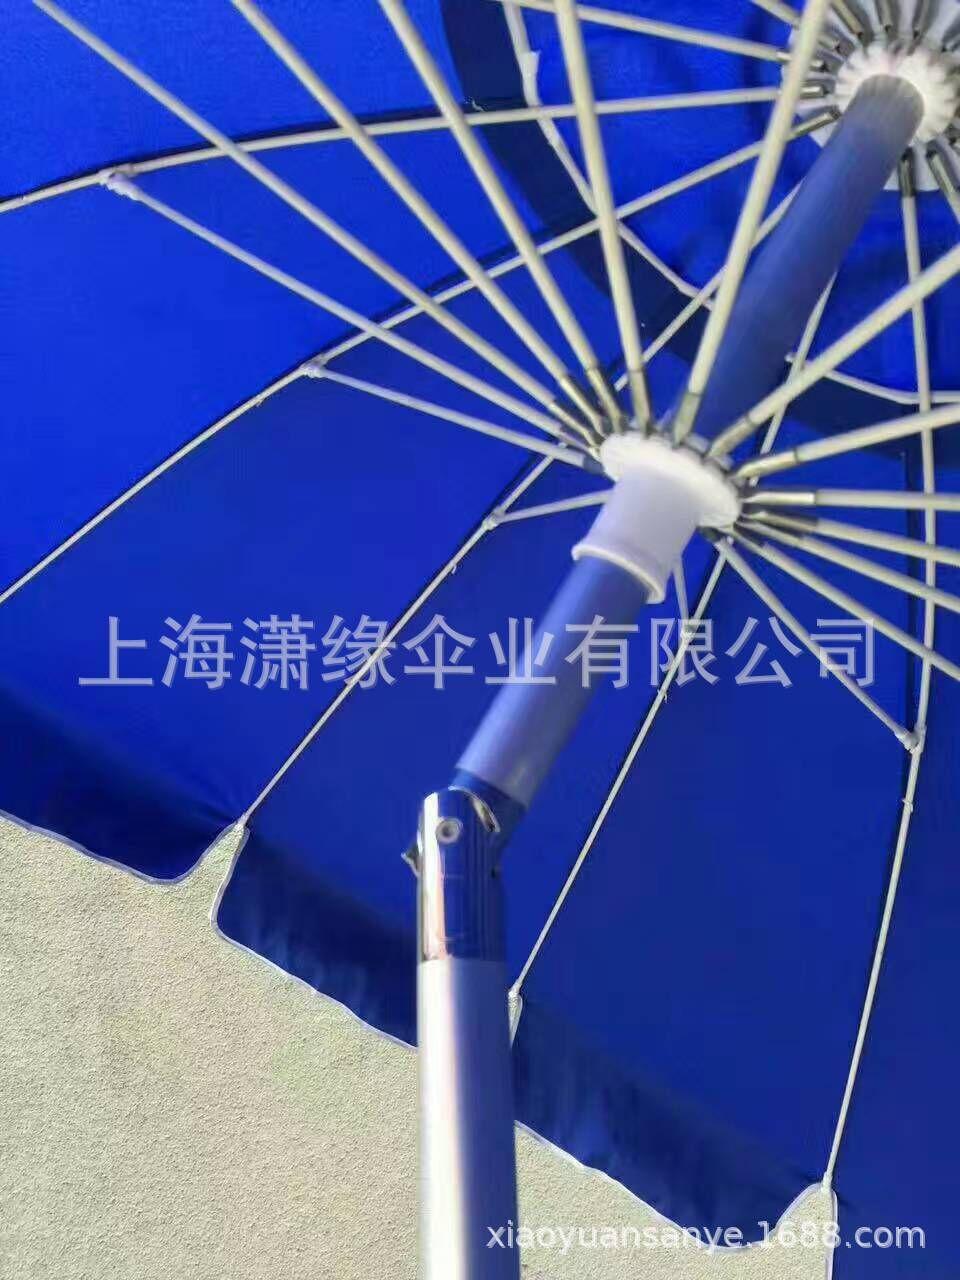 定制铝杆沙滩伞、带转向铝架遮阳伞、铝合金户外广告太阳伞